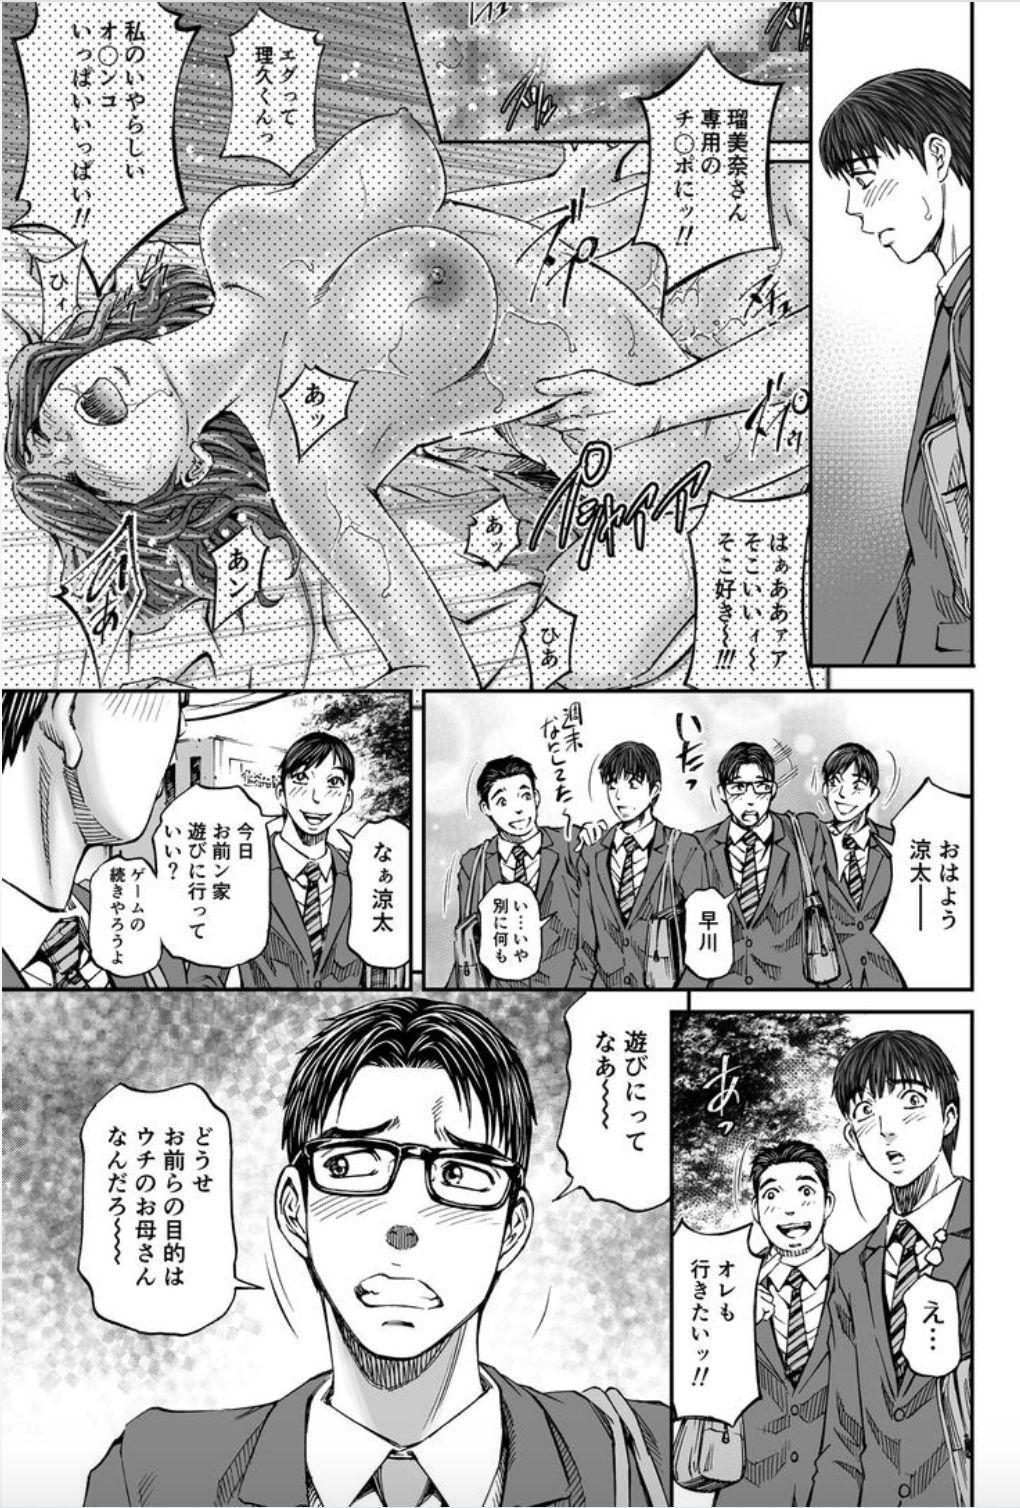 Seisyoku Dance Hitodzuma no chitsueki ni mamirete 1-2 77